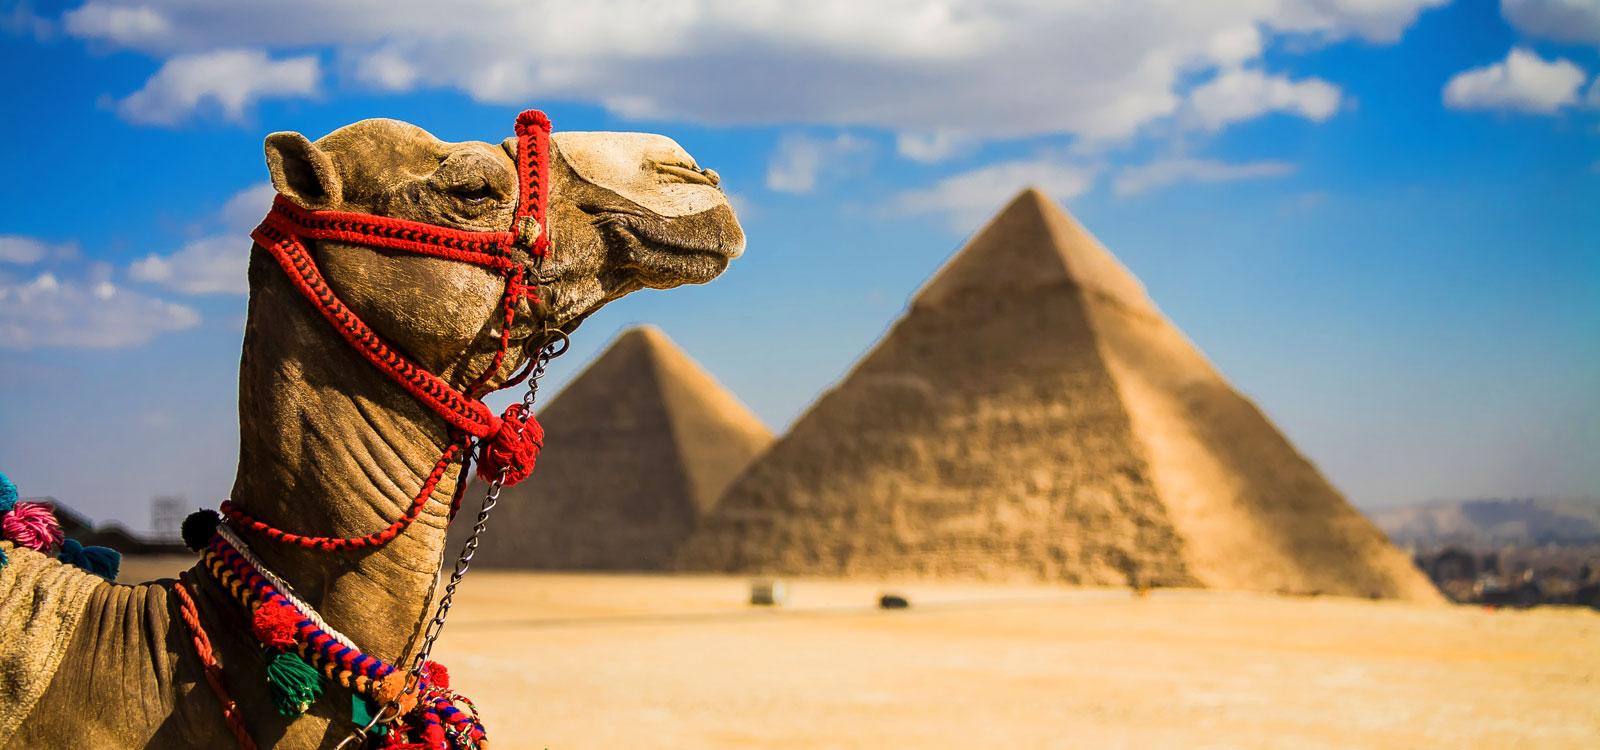 Путешествие в Египет: достопримечательности, безопасность.